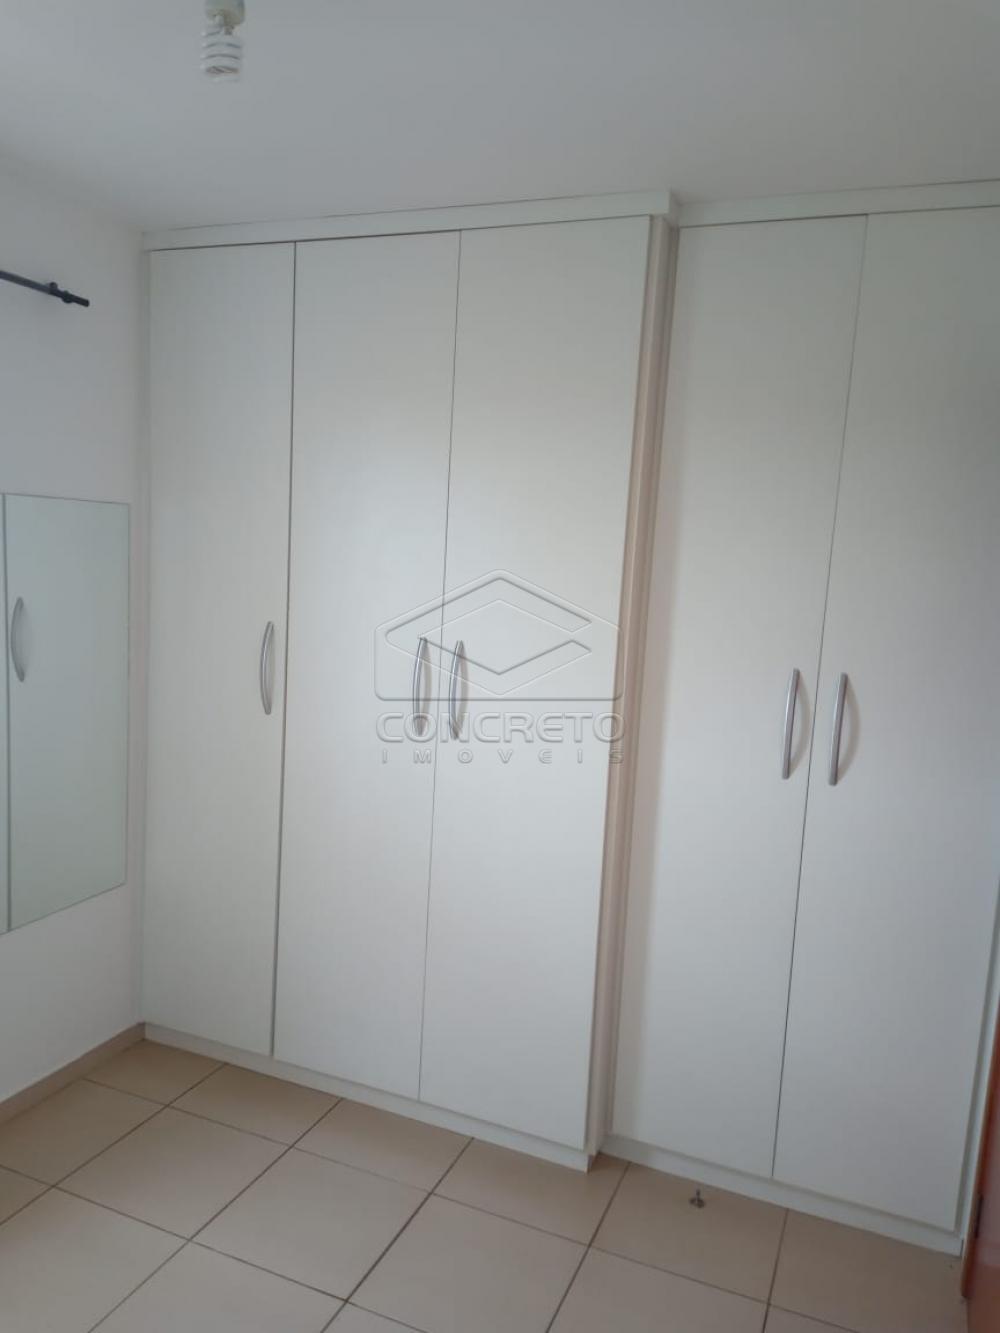 Alugar Apartamento / Padrão em Bauru apenas R$ 1.200,00 - Foto 15